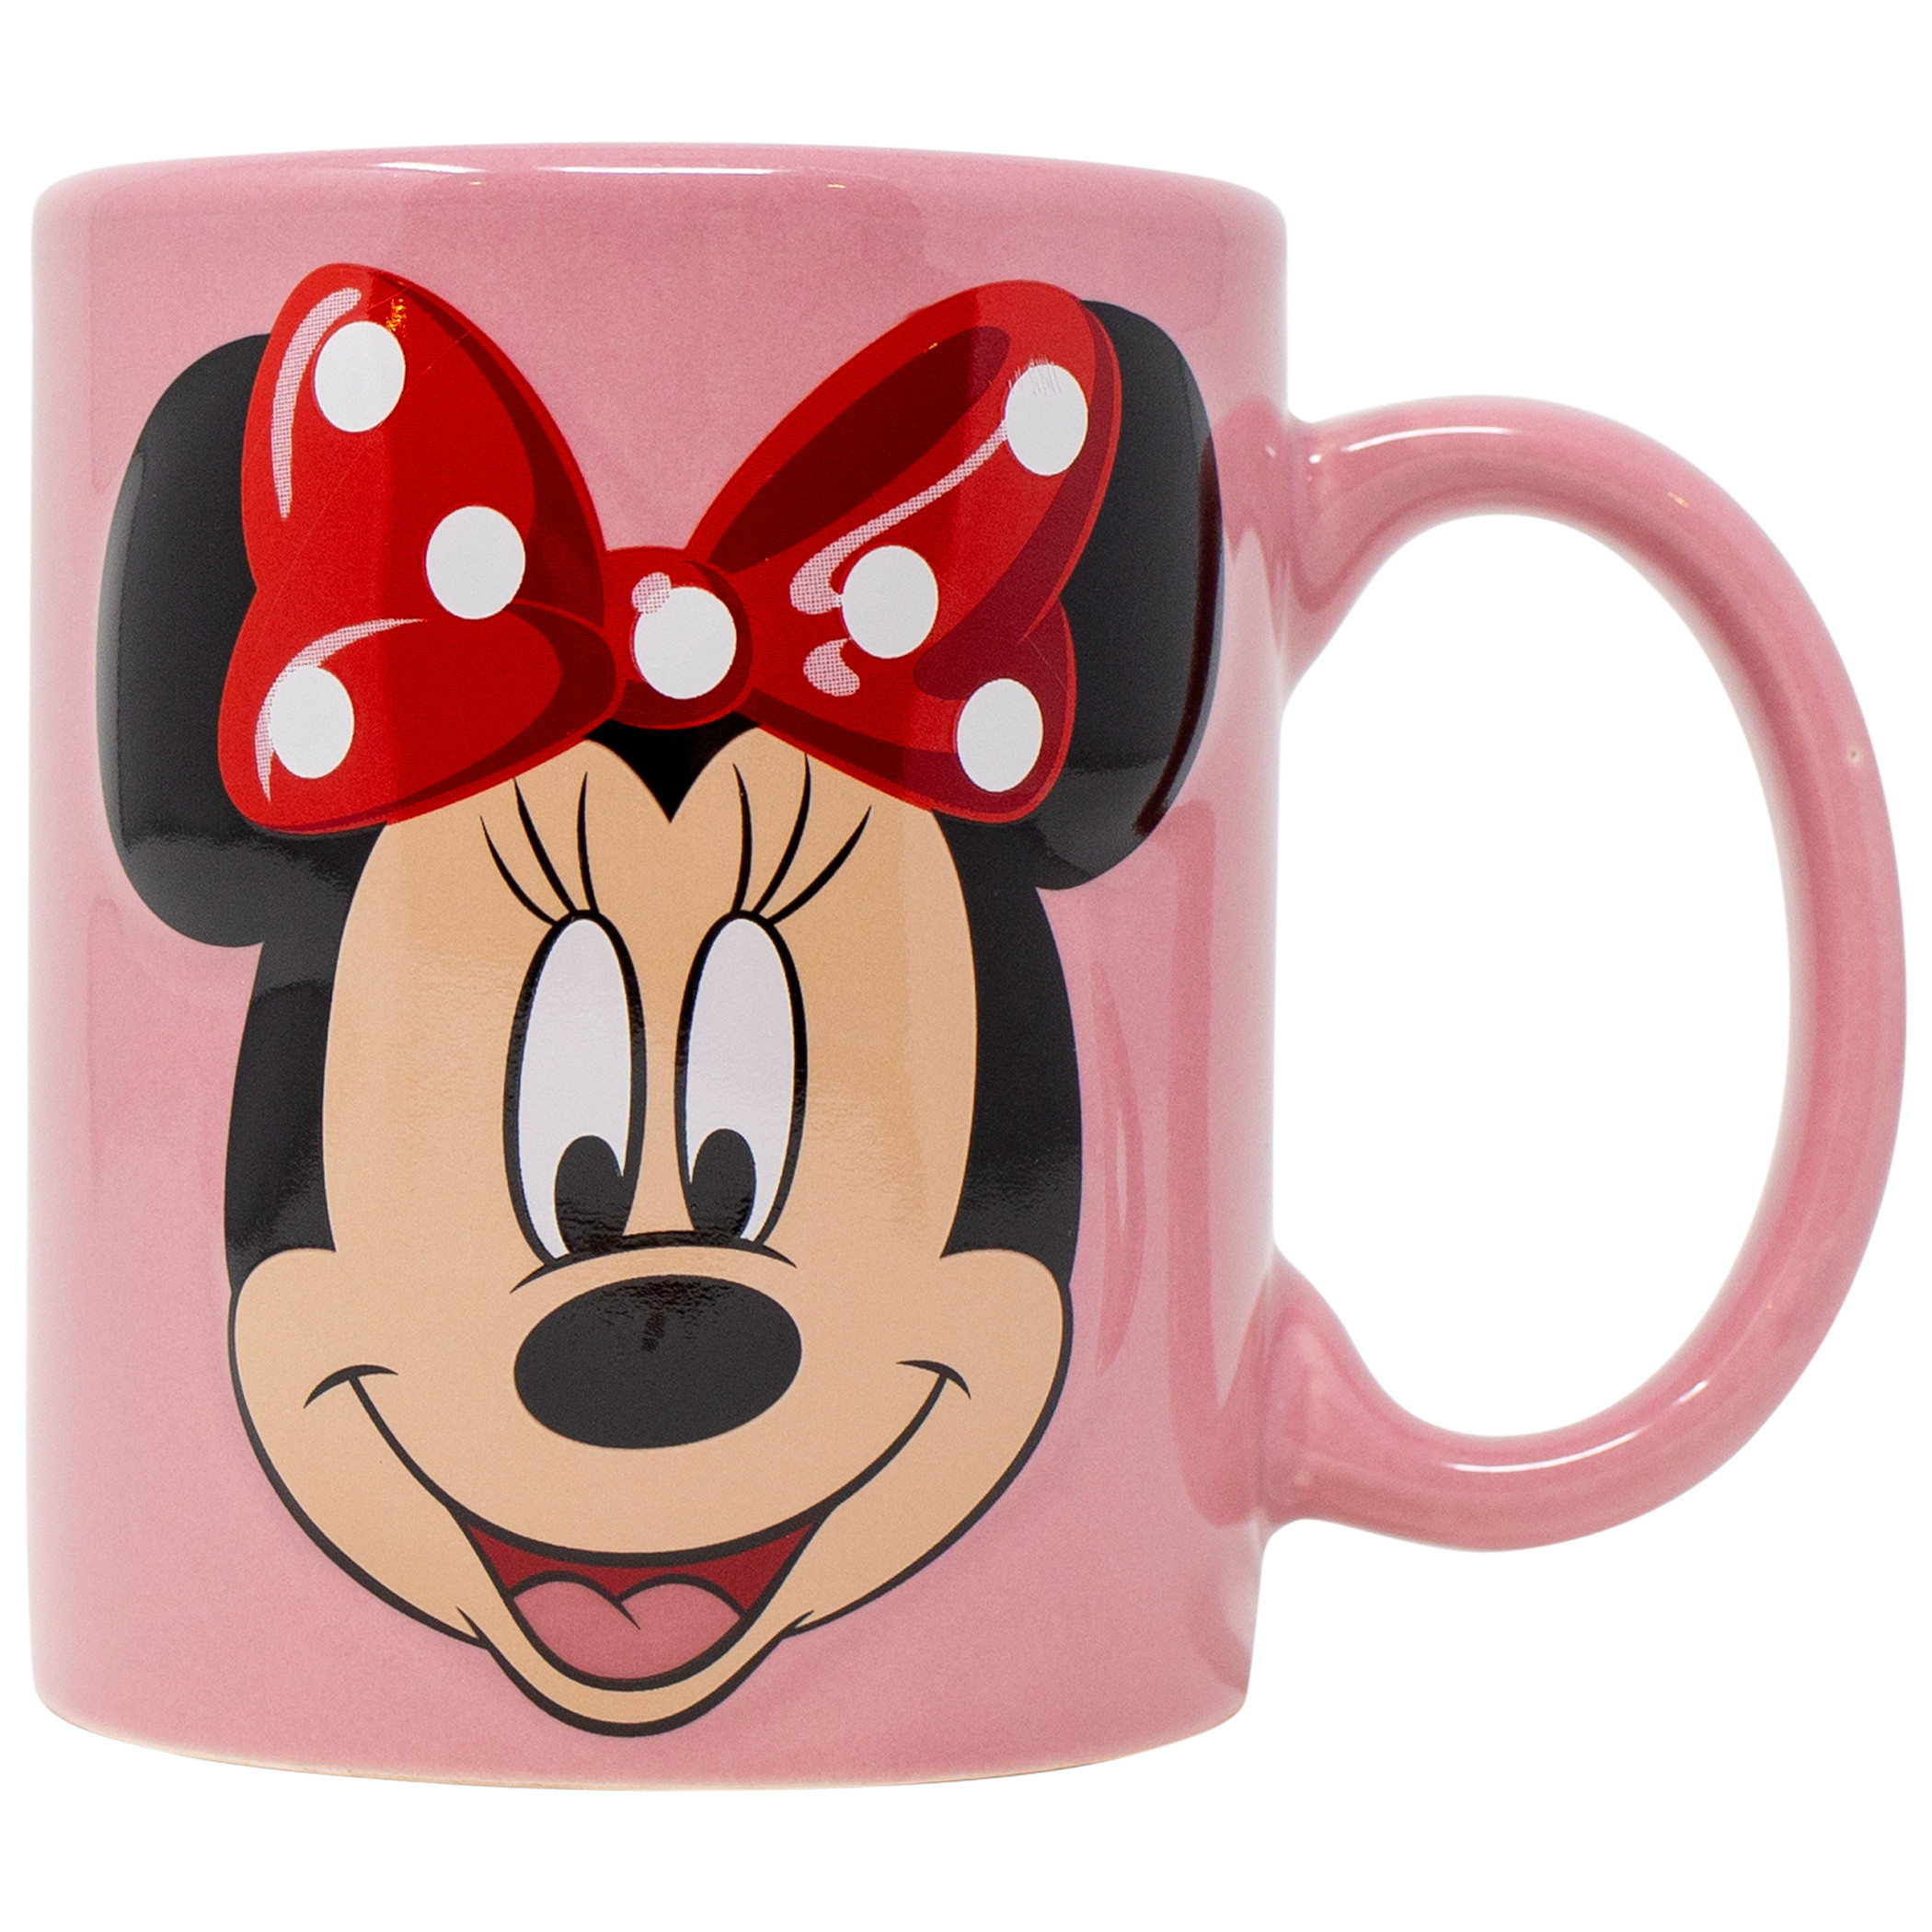 Minnie Mouse Face Disney 11 Ounce Coffee Mug